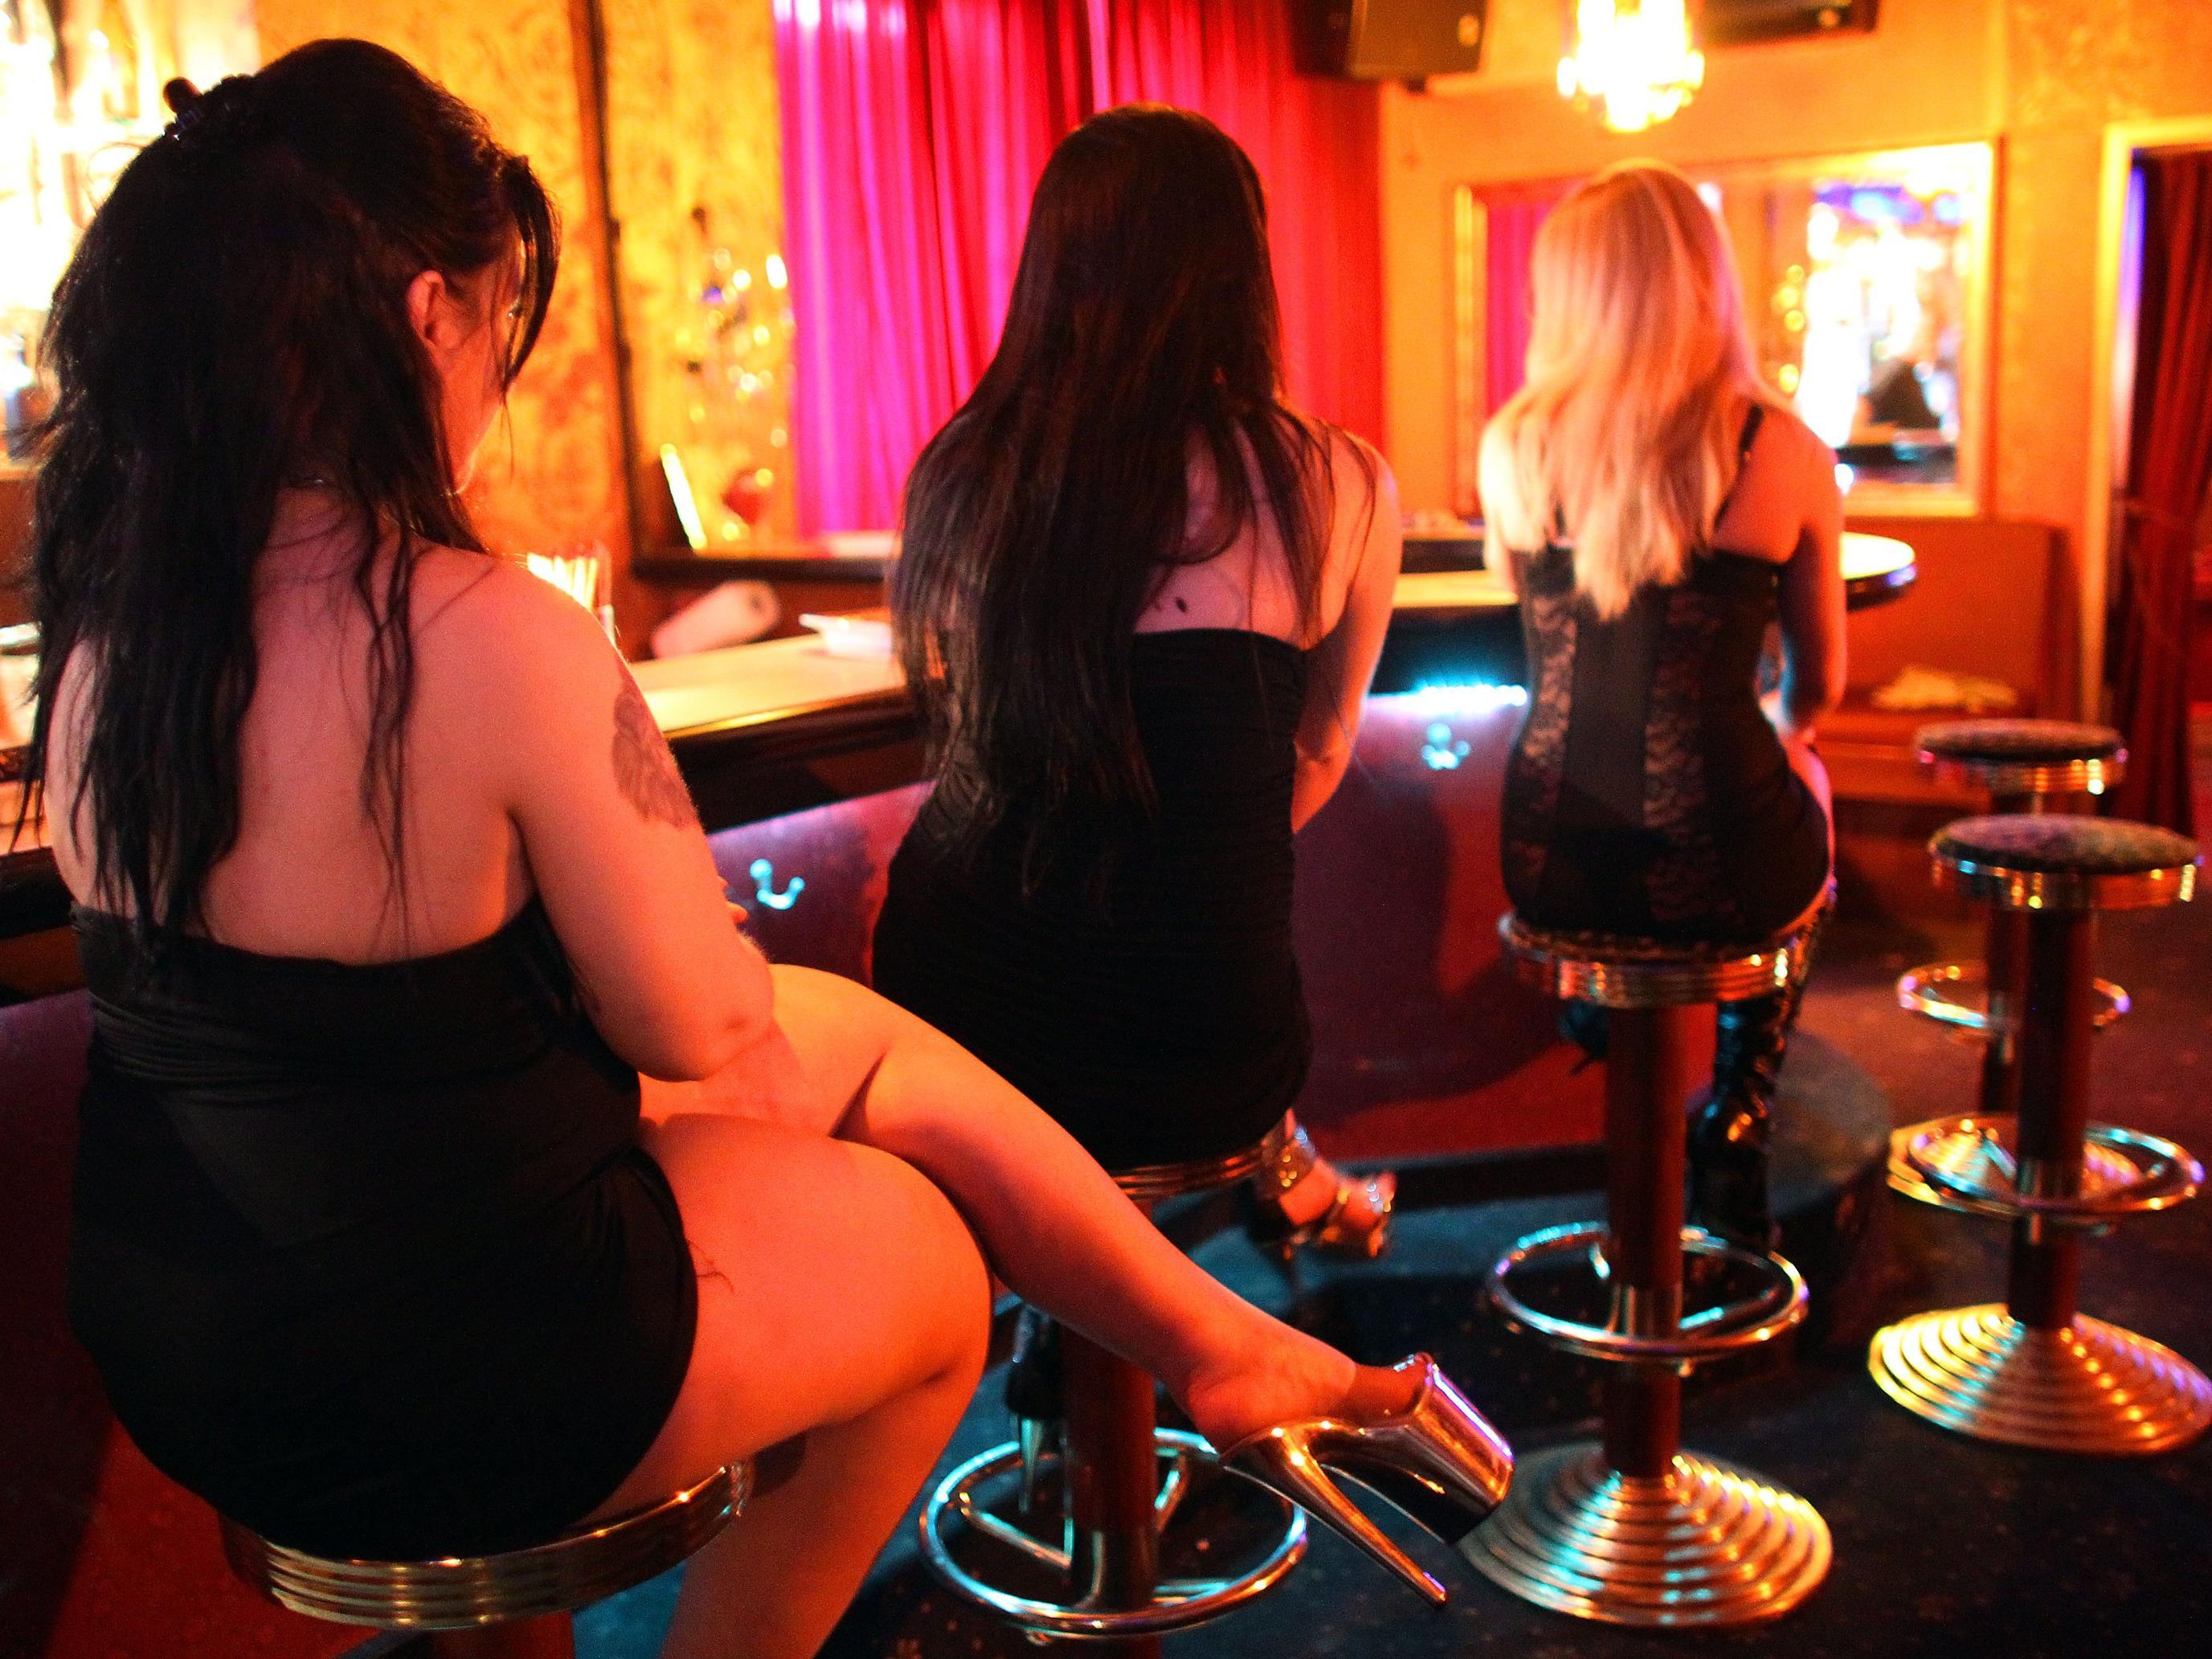 Weltweit gibt es unterschiedliche Meinungen zum Thema Prostitution.